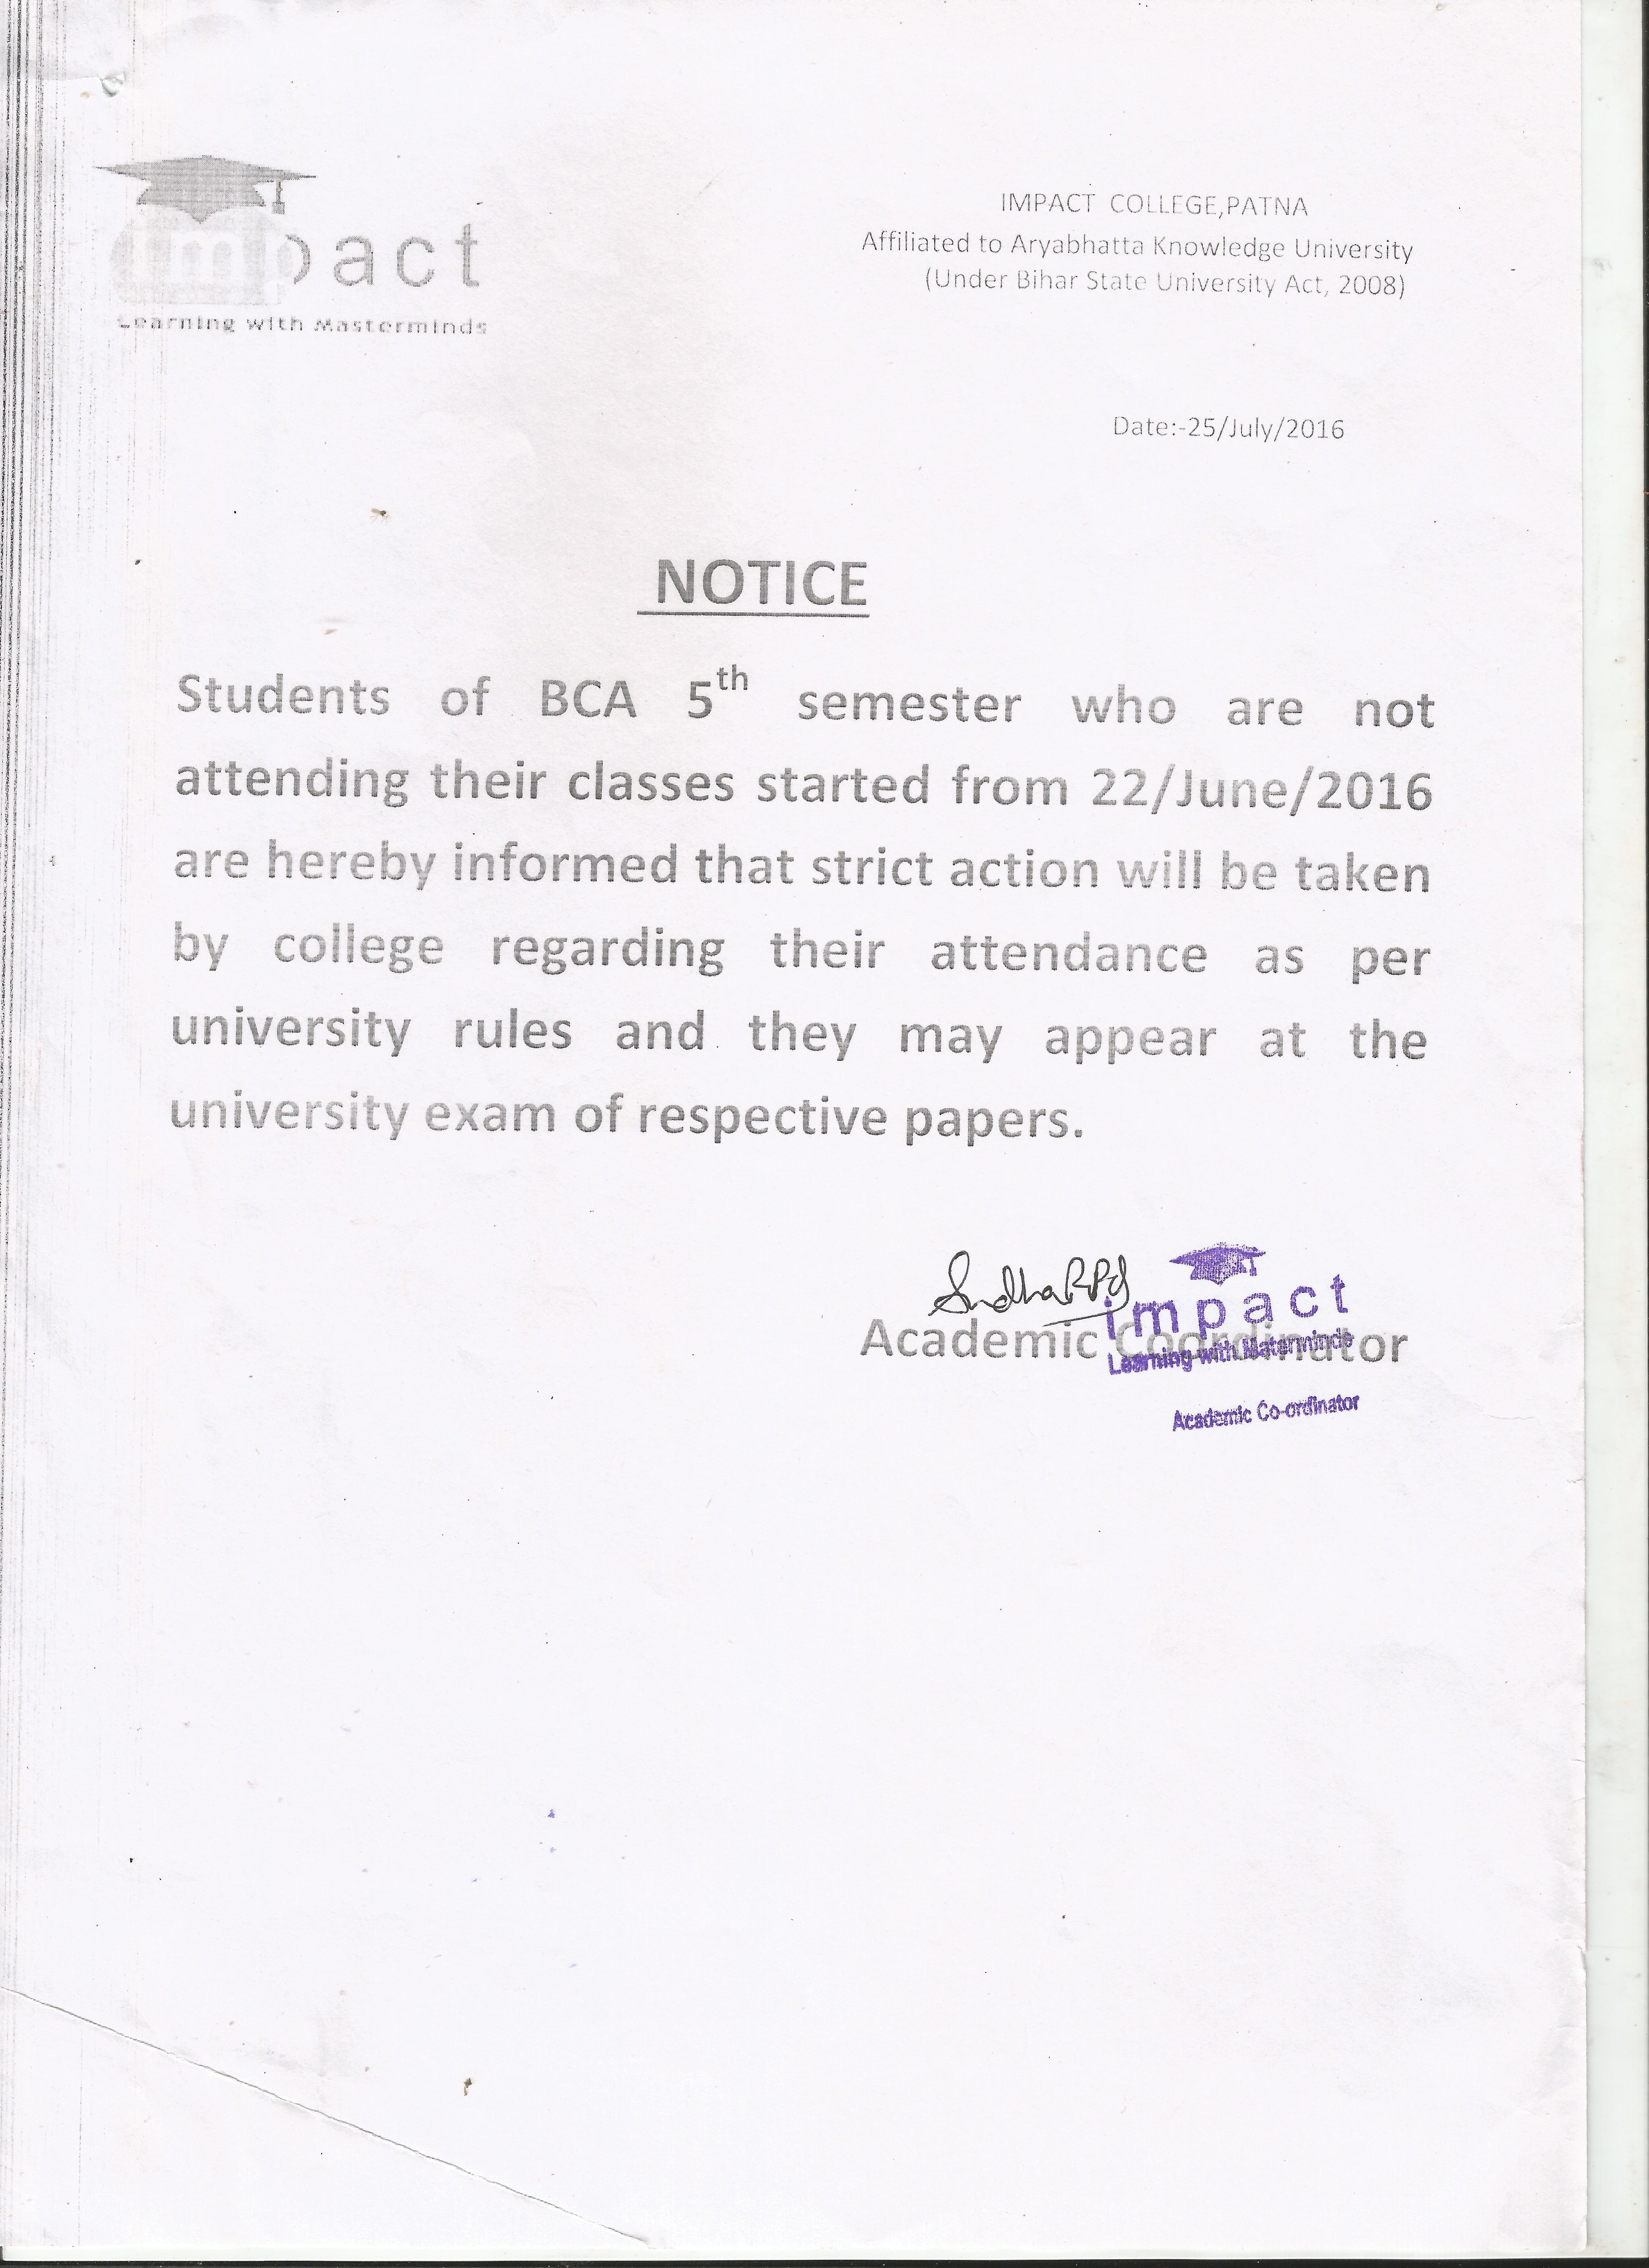 Academic Notice - Impact College